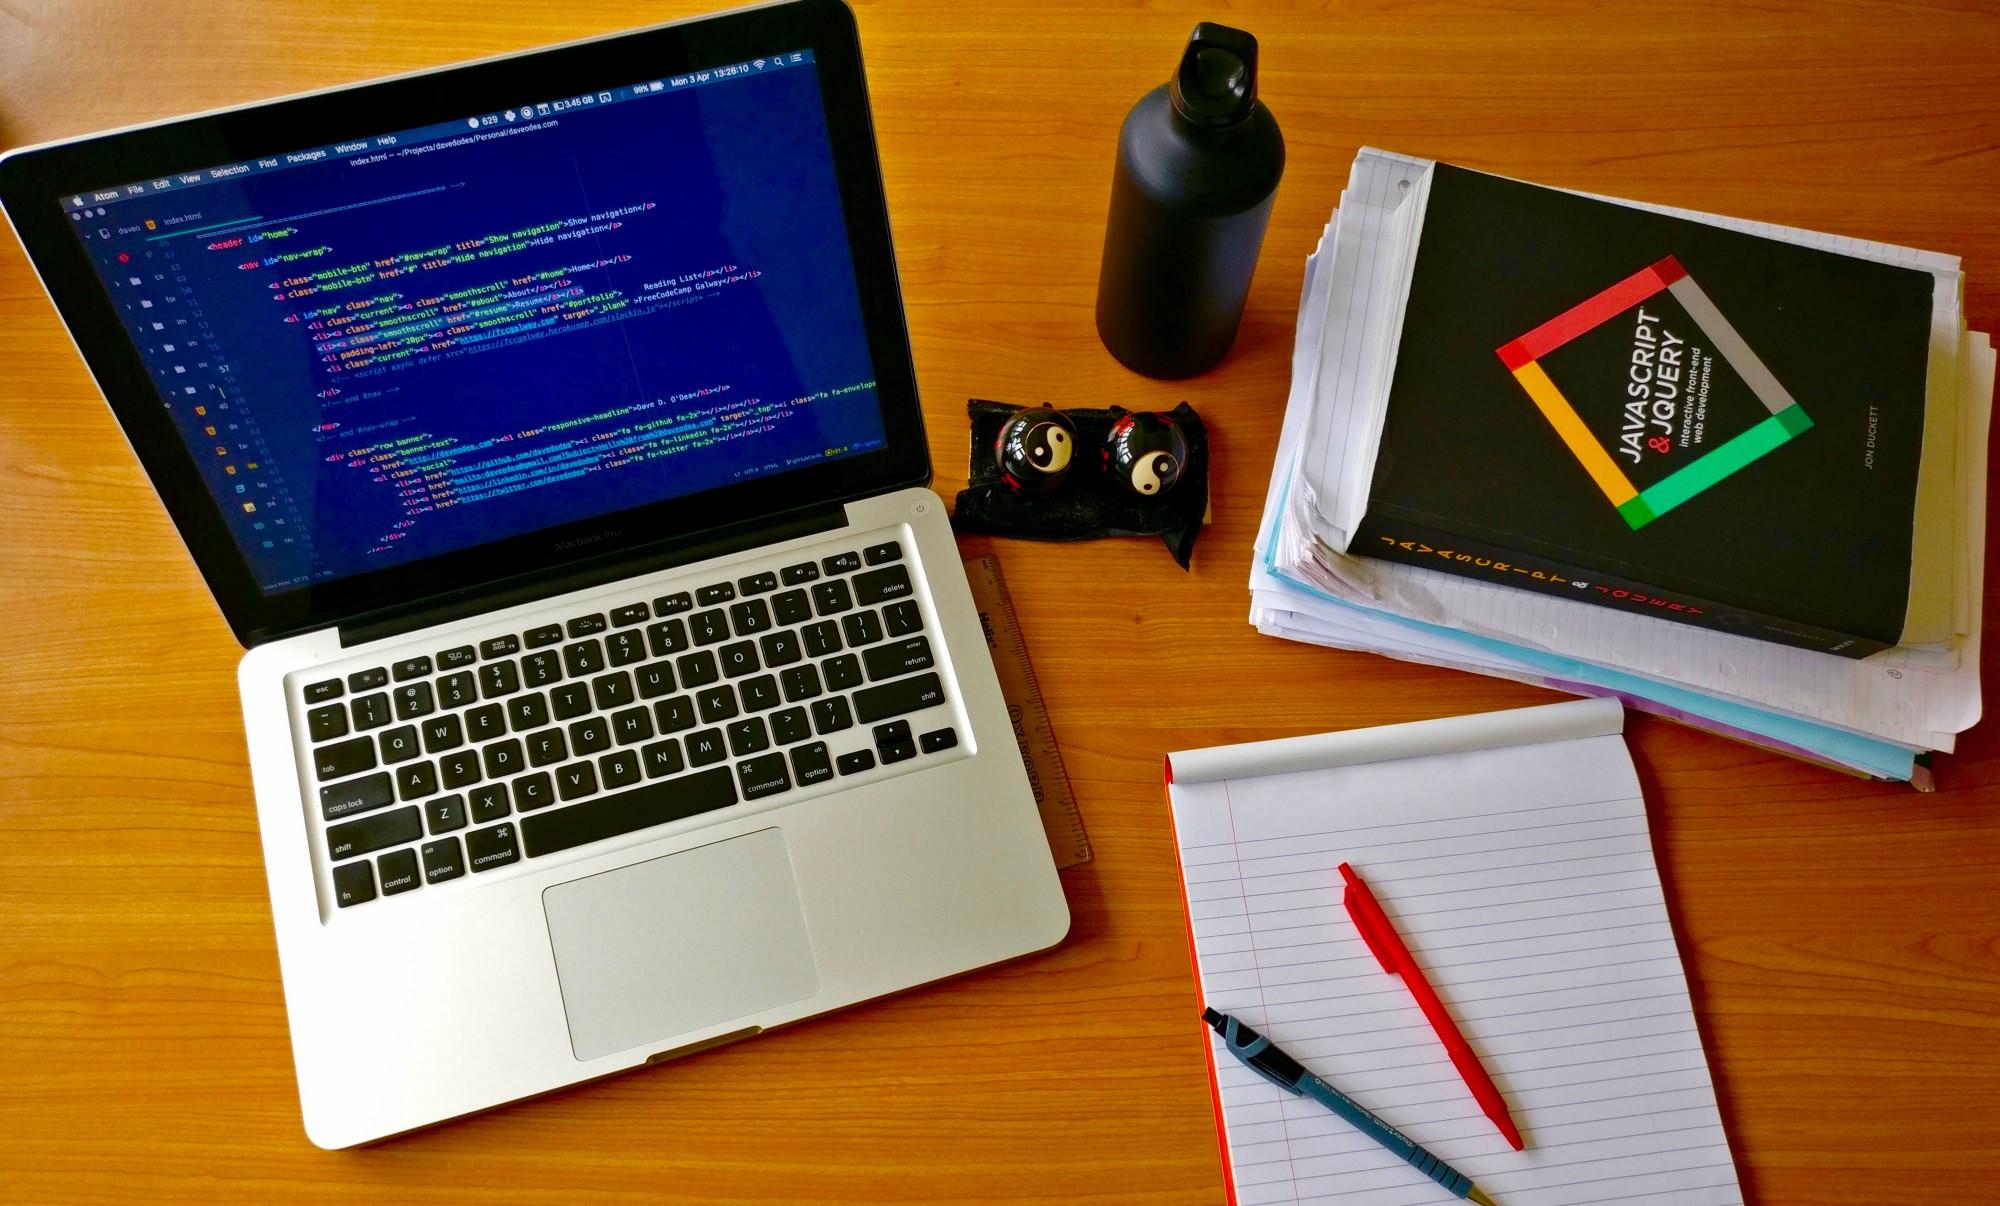 باشگاه خبرنگاران -استخدام برنامه نویس در یک شرکت معتبر